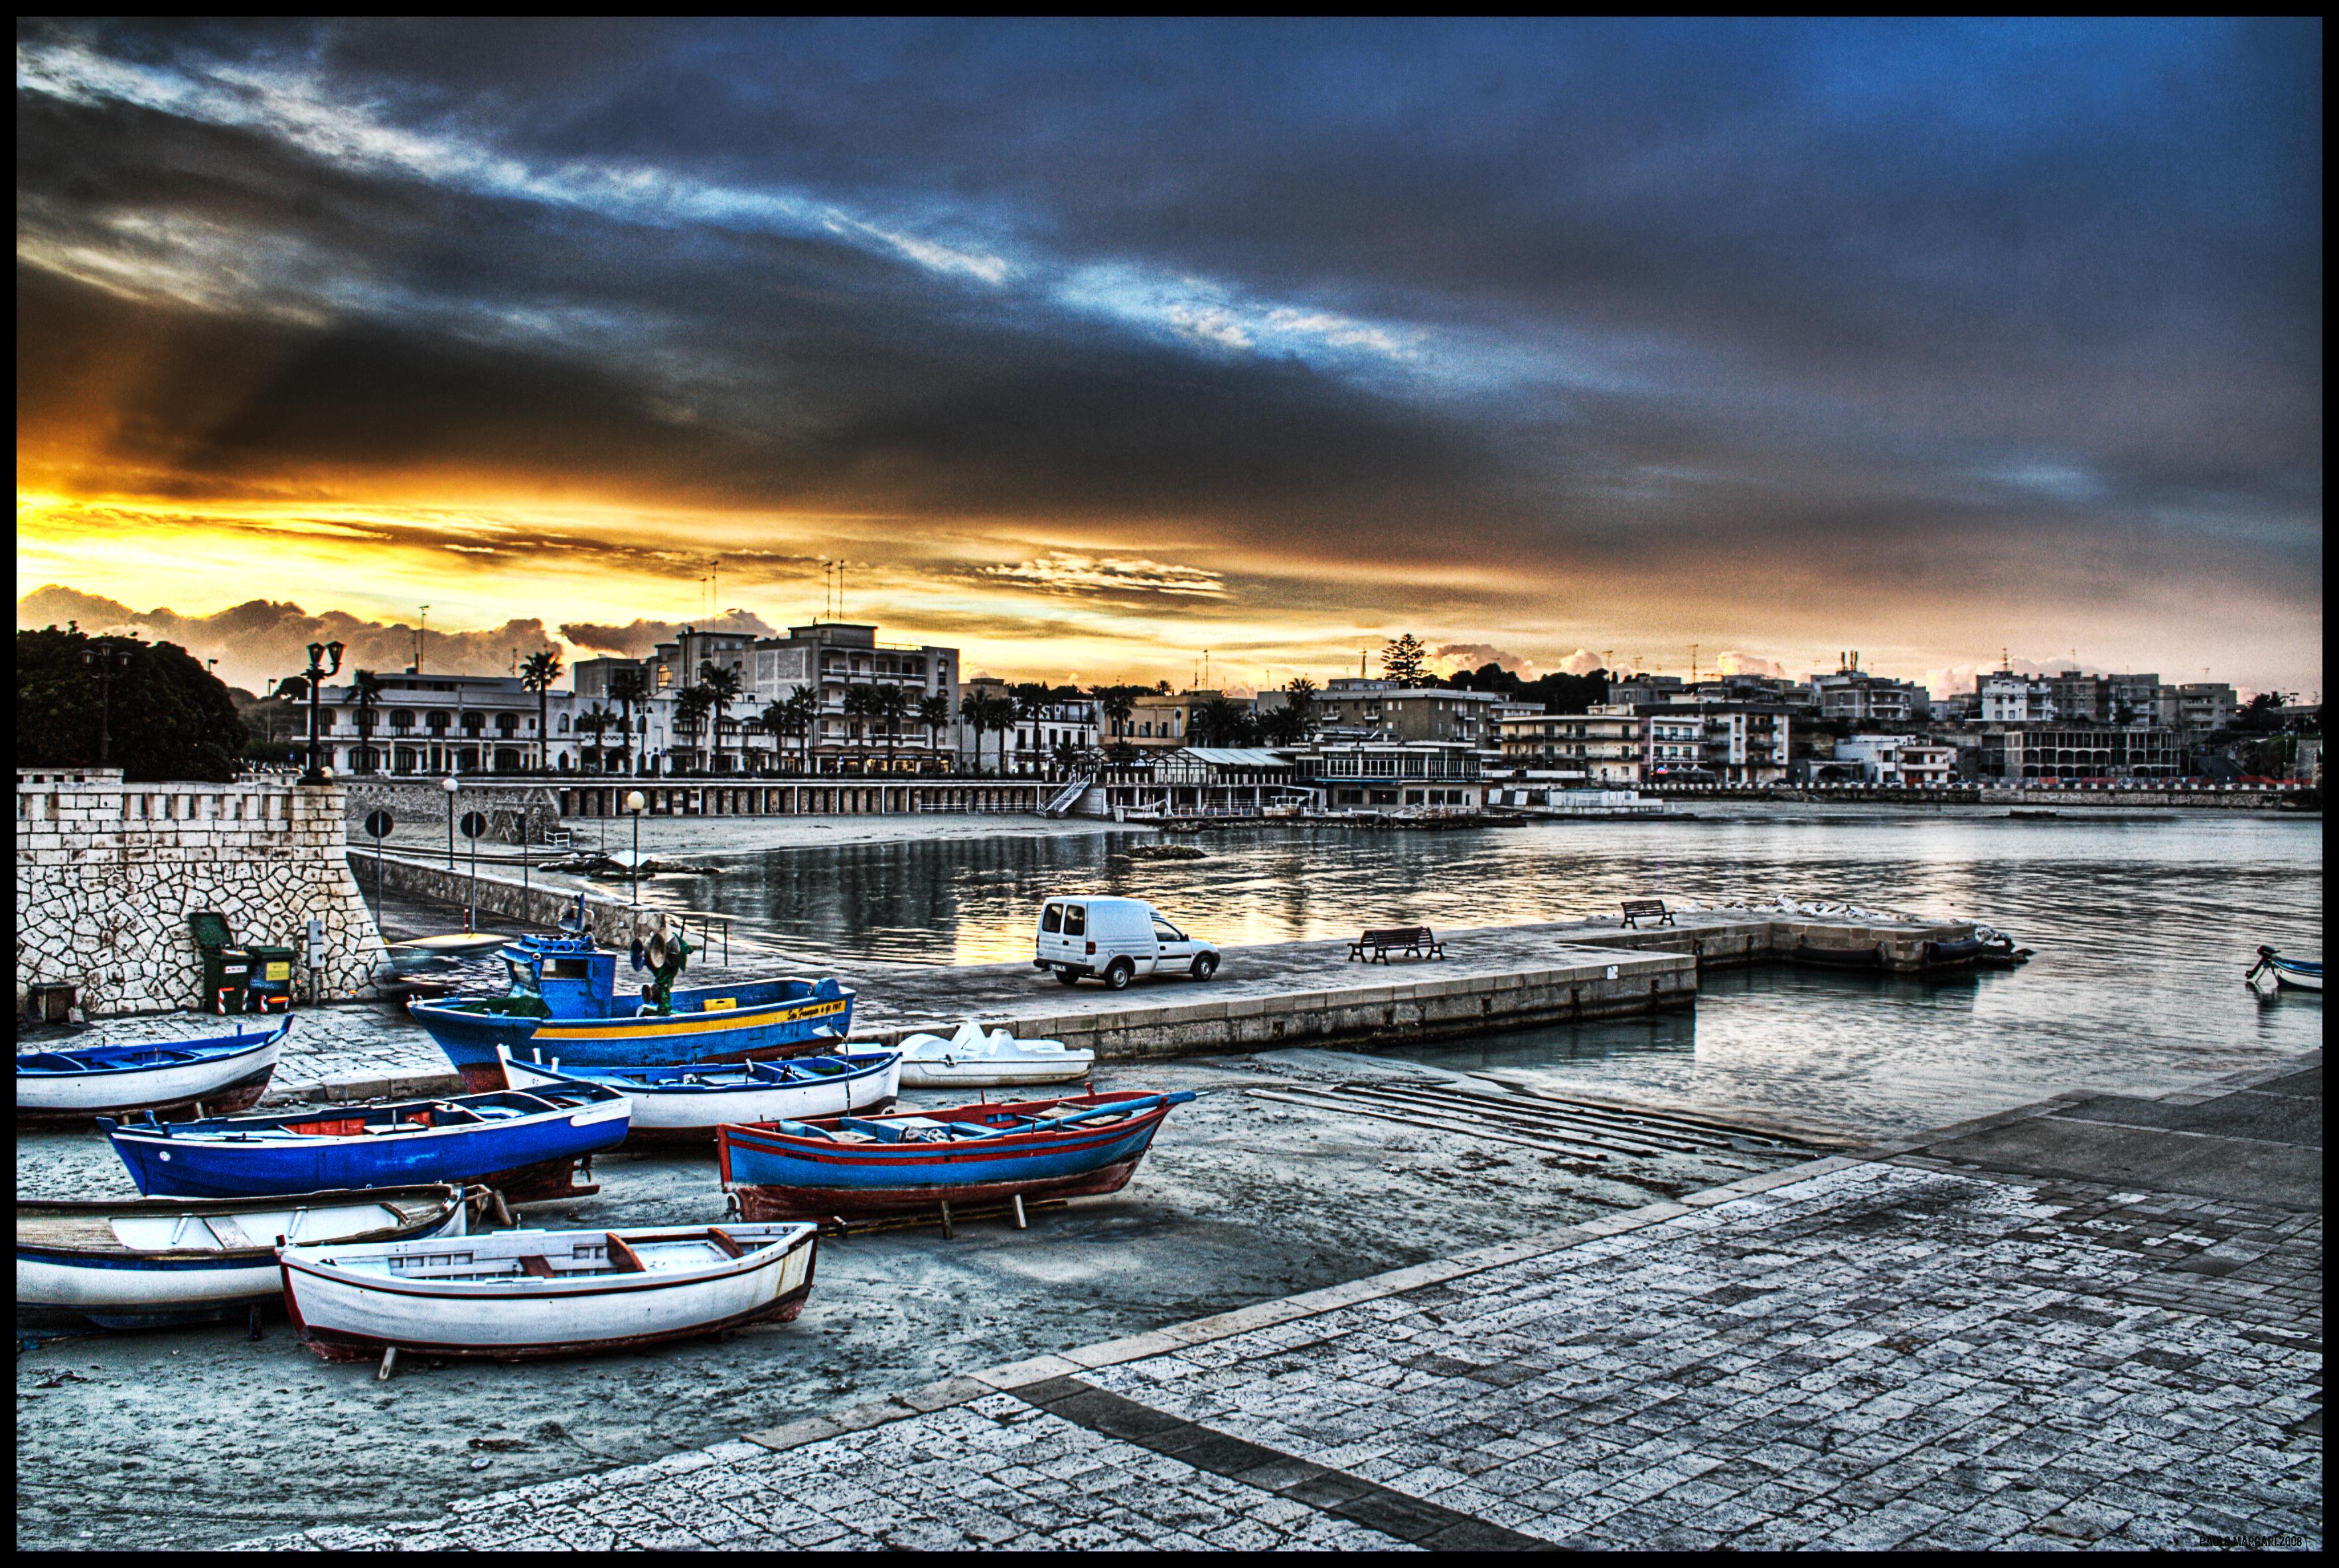 File:Otranto, italy.jpg - Wikimedia Commons